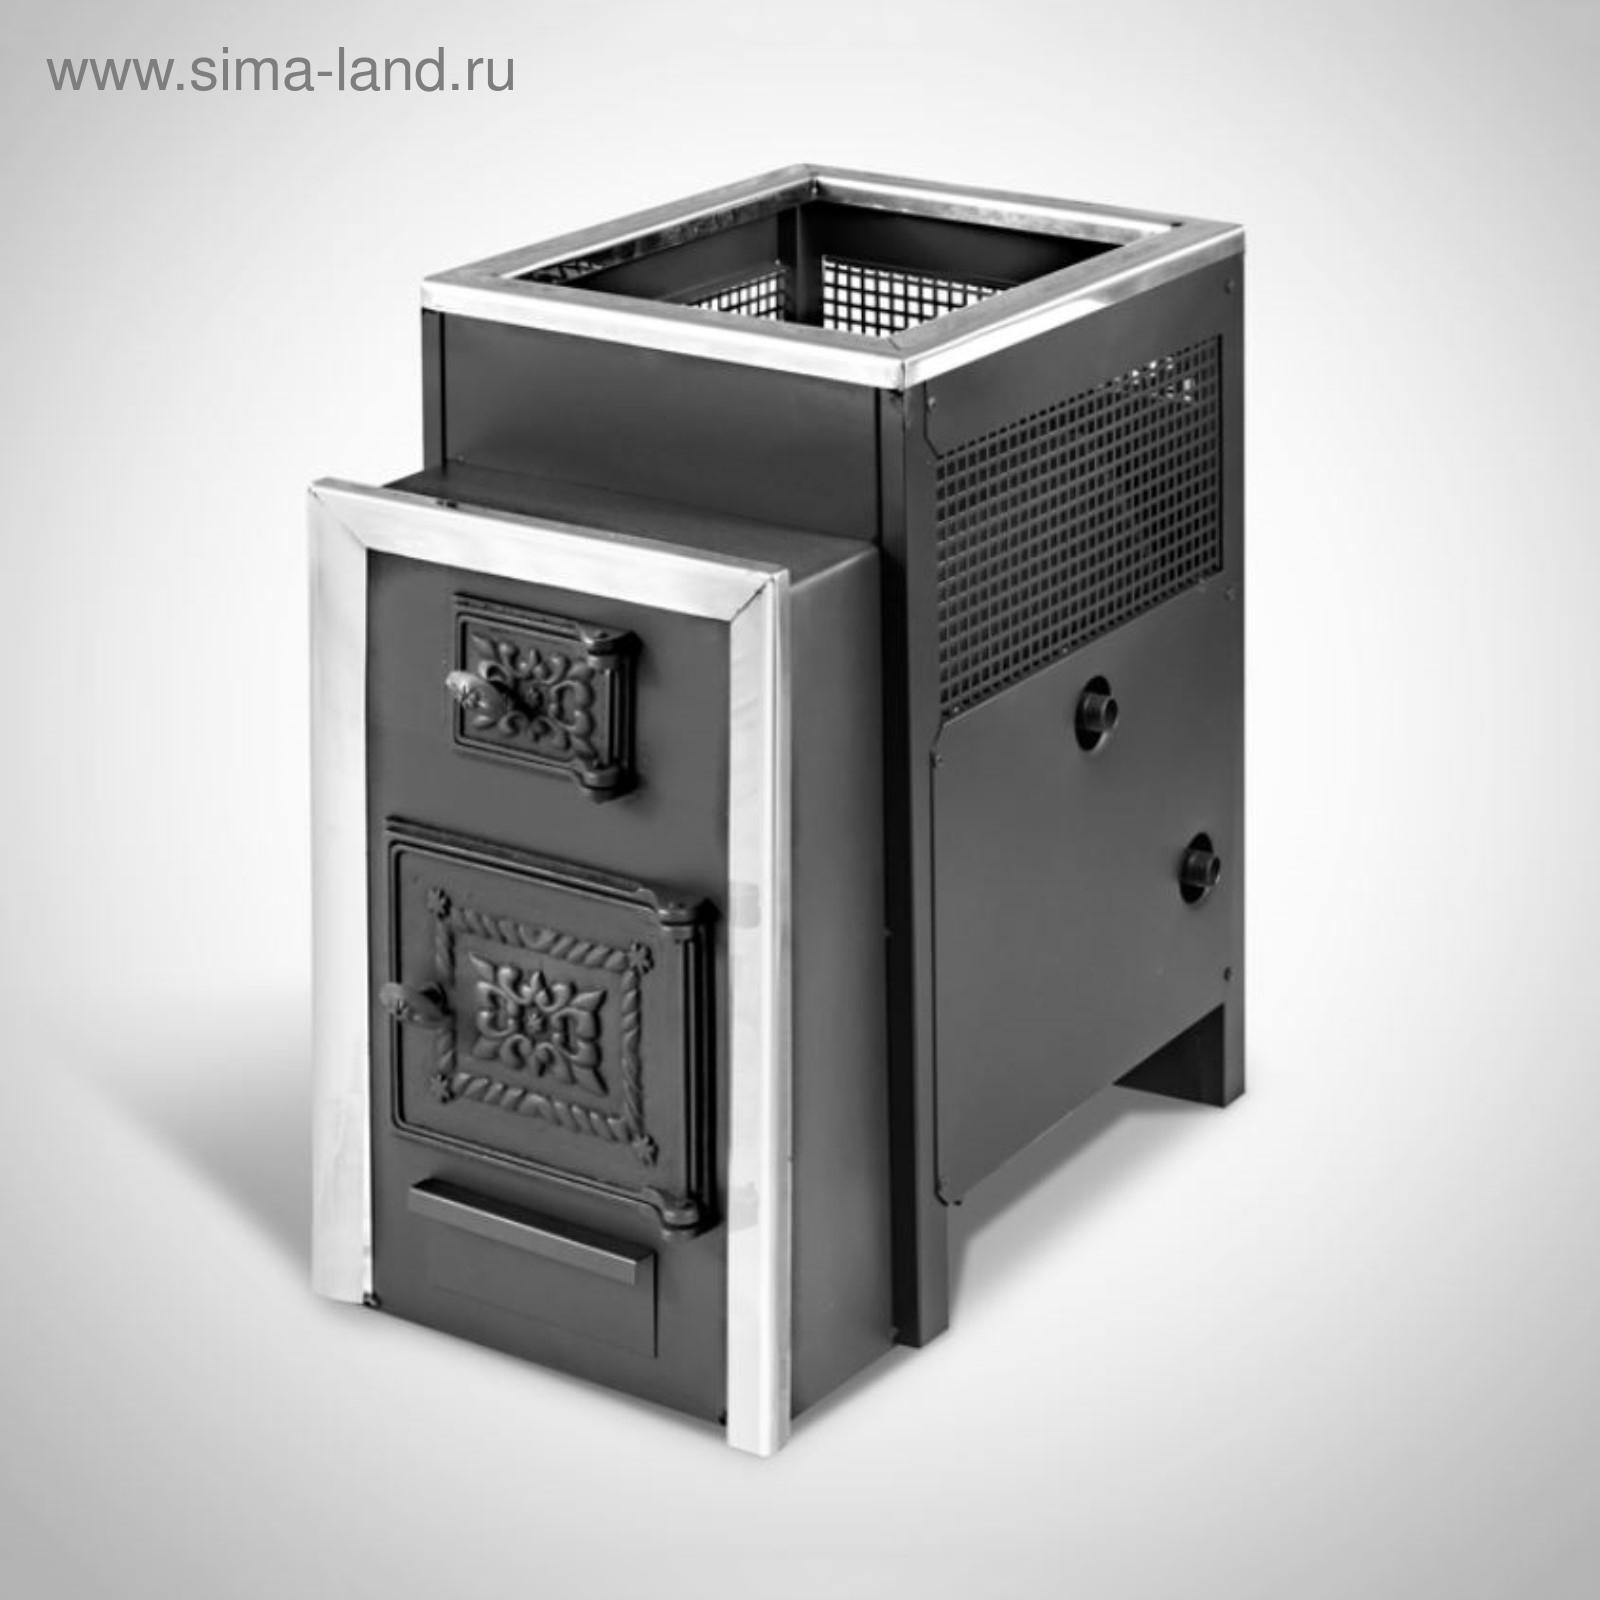 Теплообменник печи цена Пластины теплообменника SWEP (Росвеп) GC-26S Балашов